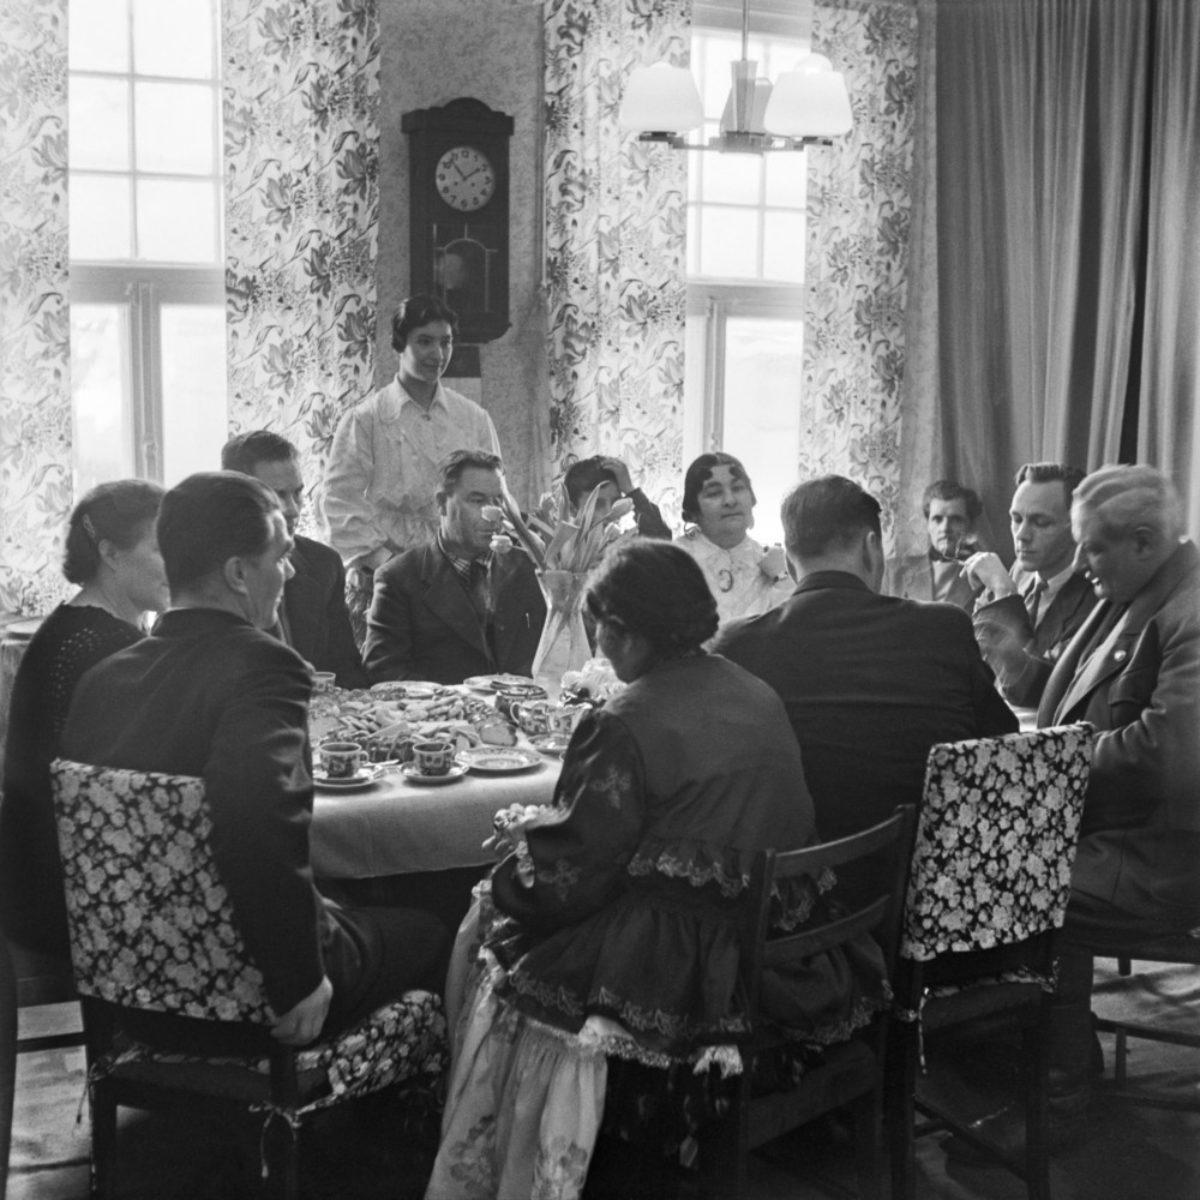 Kalle and Elli Hagert's family in Vallila. Helsinki, 1955. Photo: UA Saarinen / Press Photo Archive JOKA / Finnish Heritage Agency